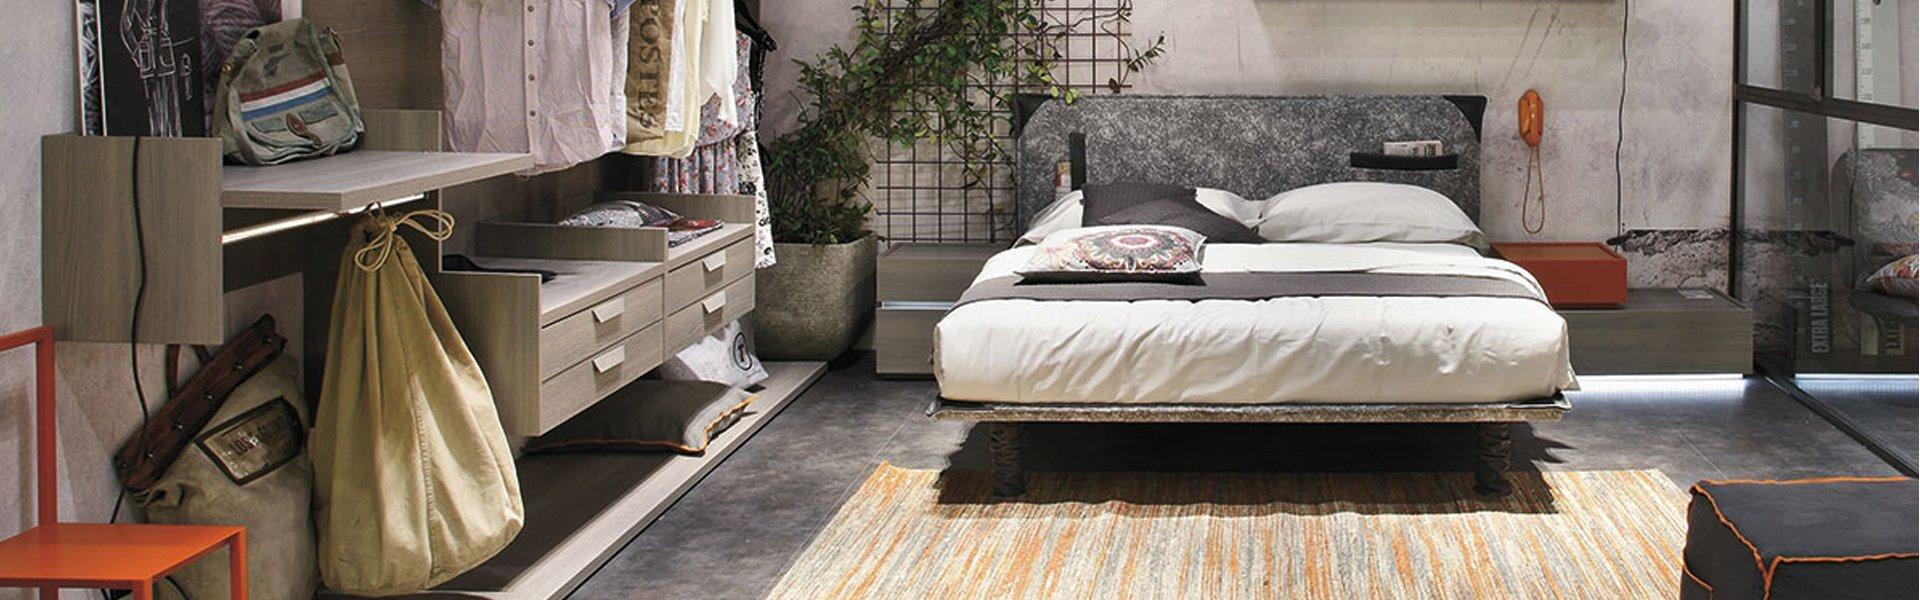 Camera da letto a Salerno, mobili Battipaglia e Eboli da Montella